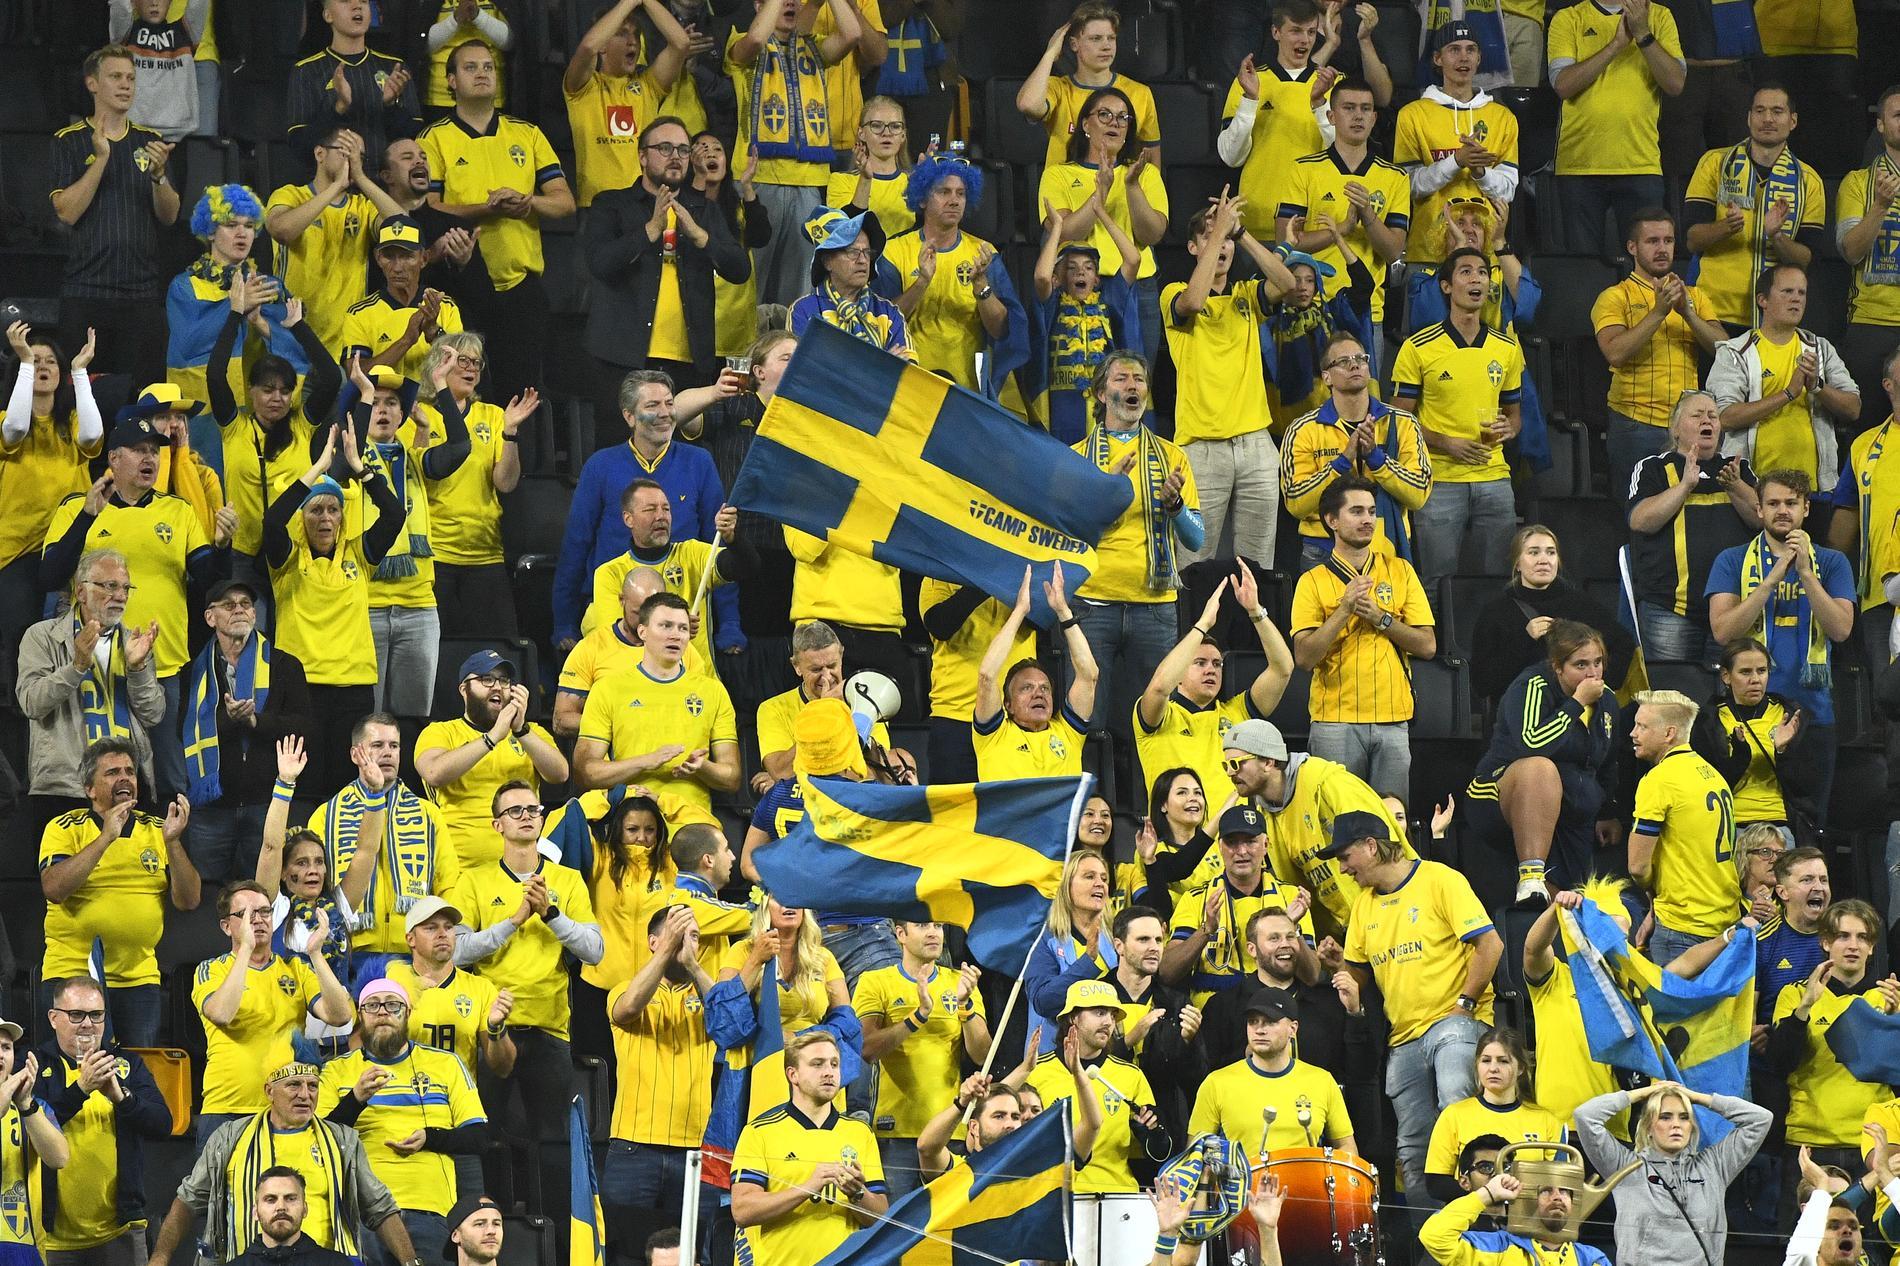 Svenska fotbollförbundets hantering av pengar har granskats och nu kallas förbundets styrelse till krismöte. Arkivbild.